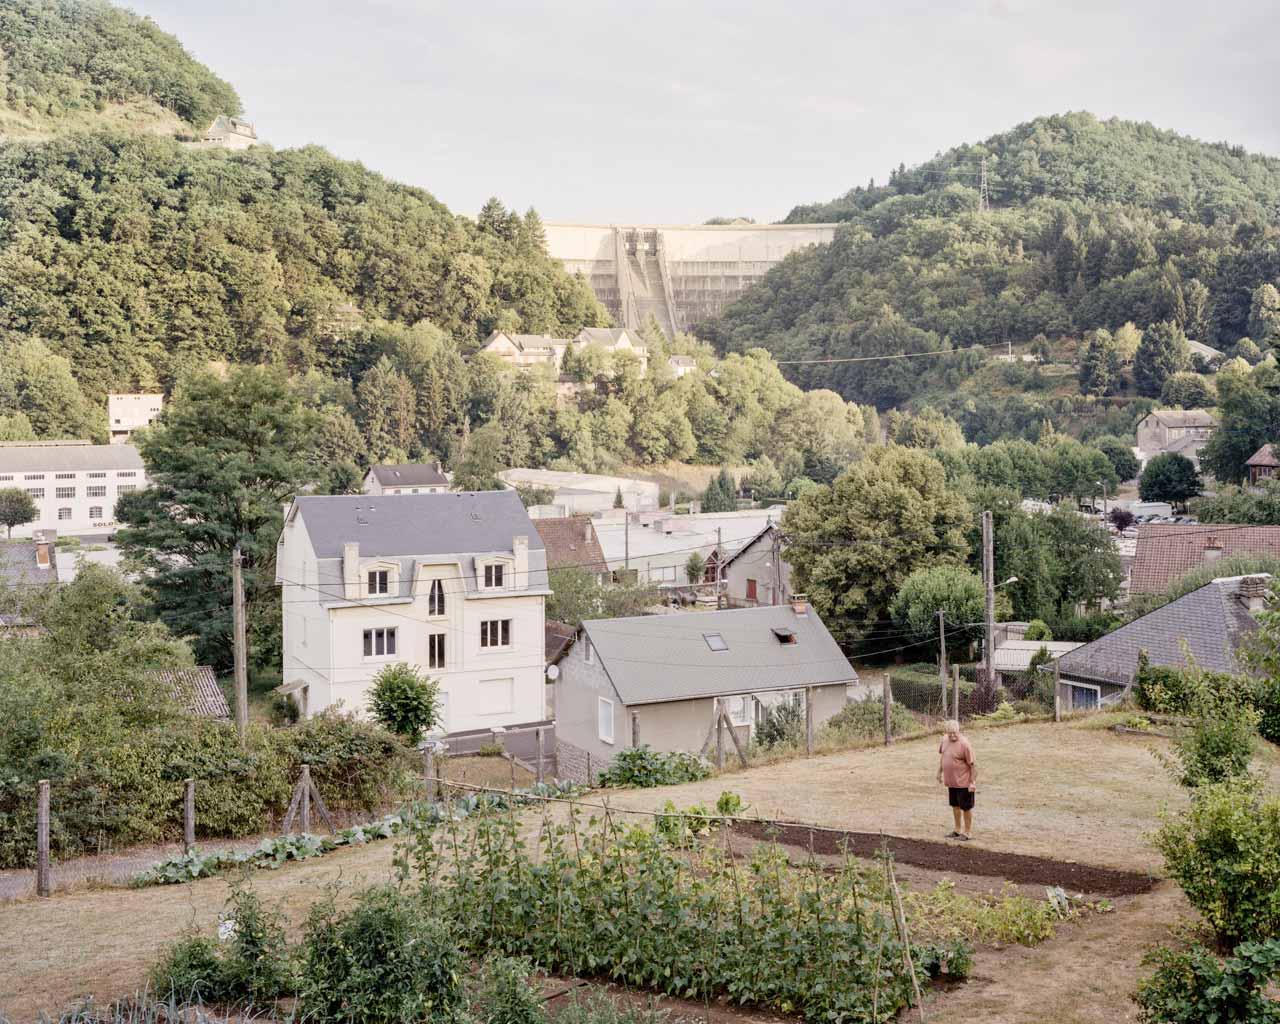 Bort-les-Orgues, Frankreich, 2015. Foto: Claudius Schulze